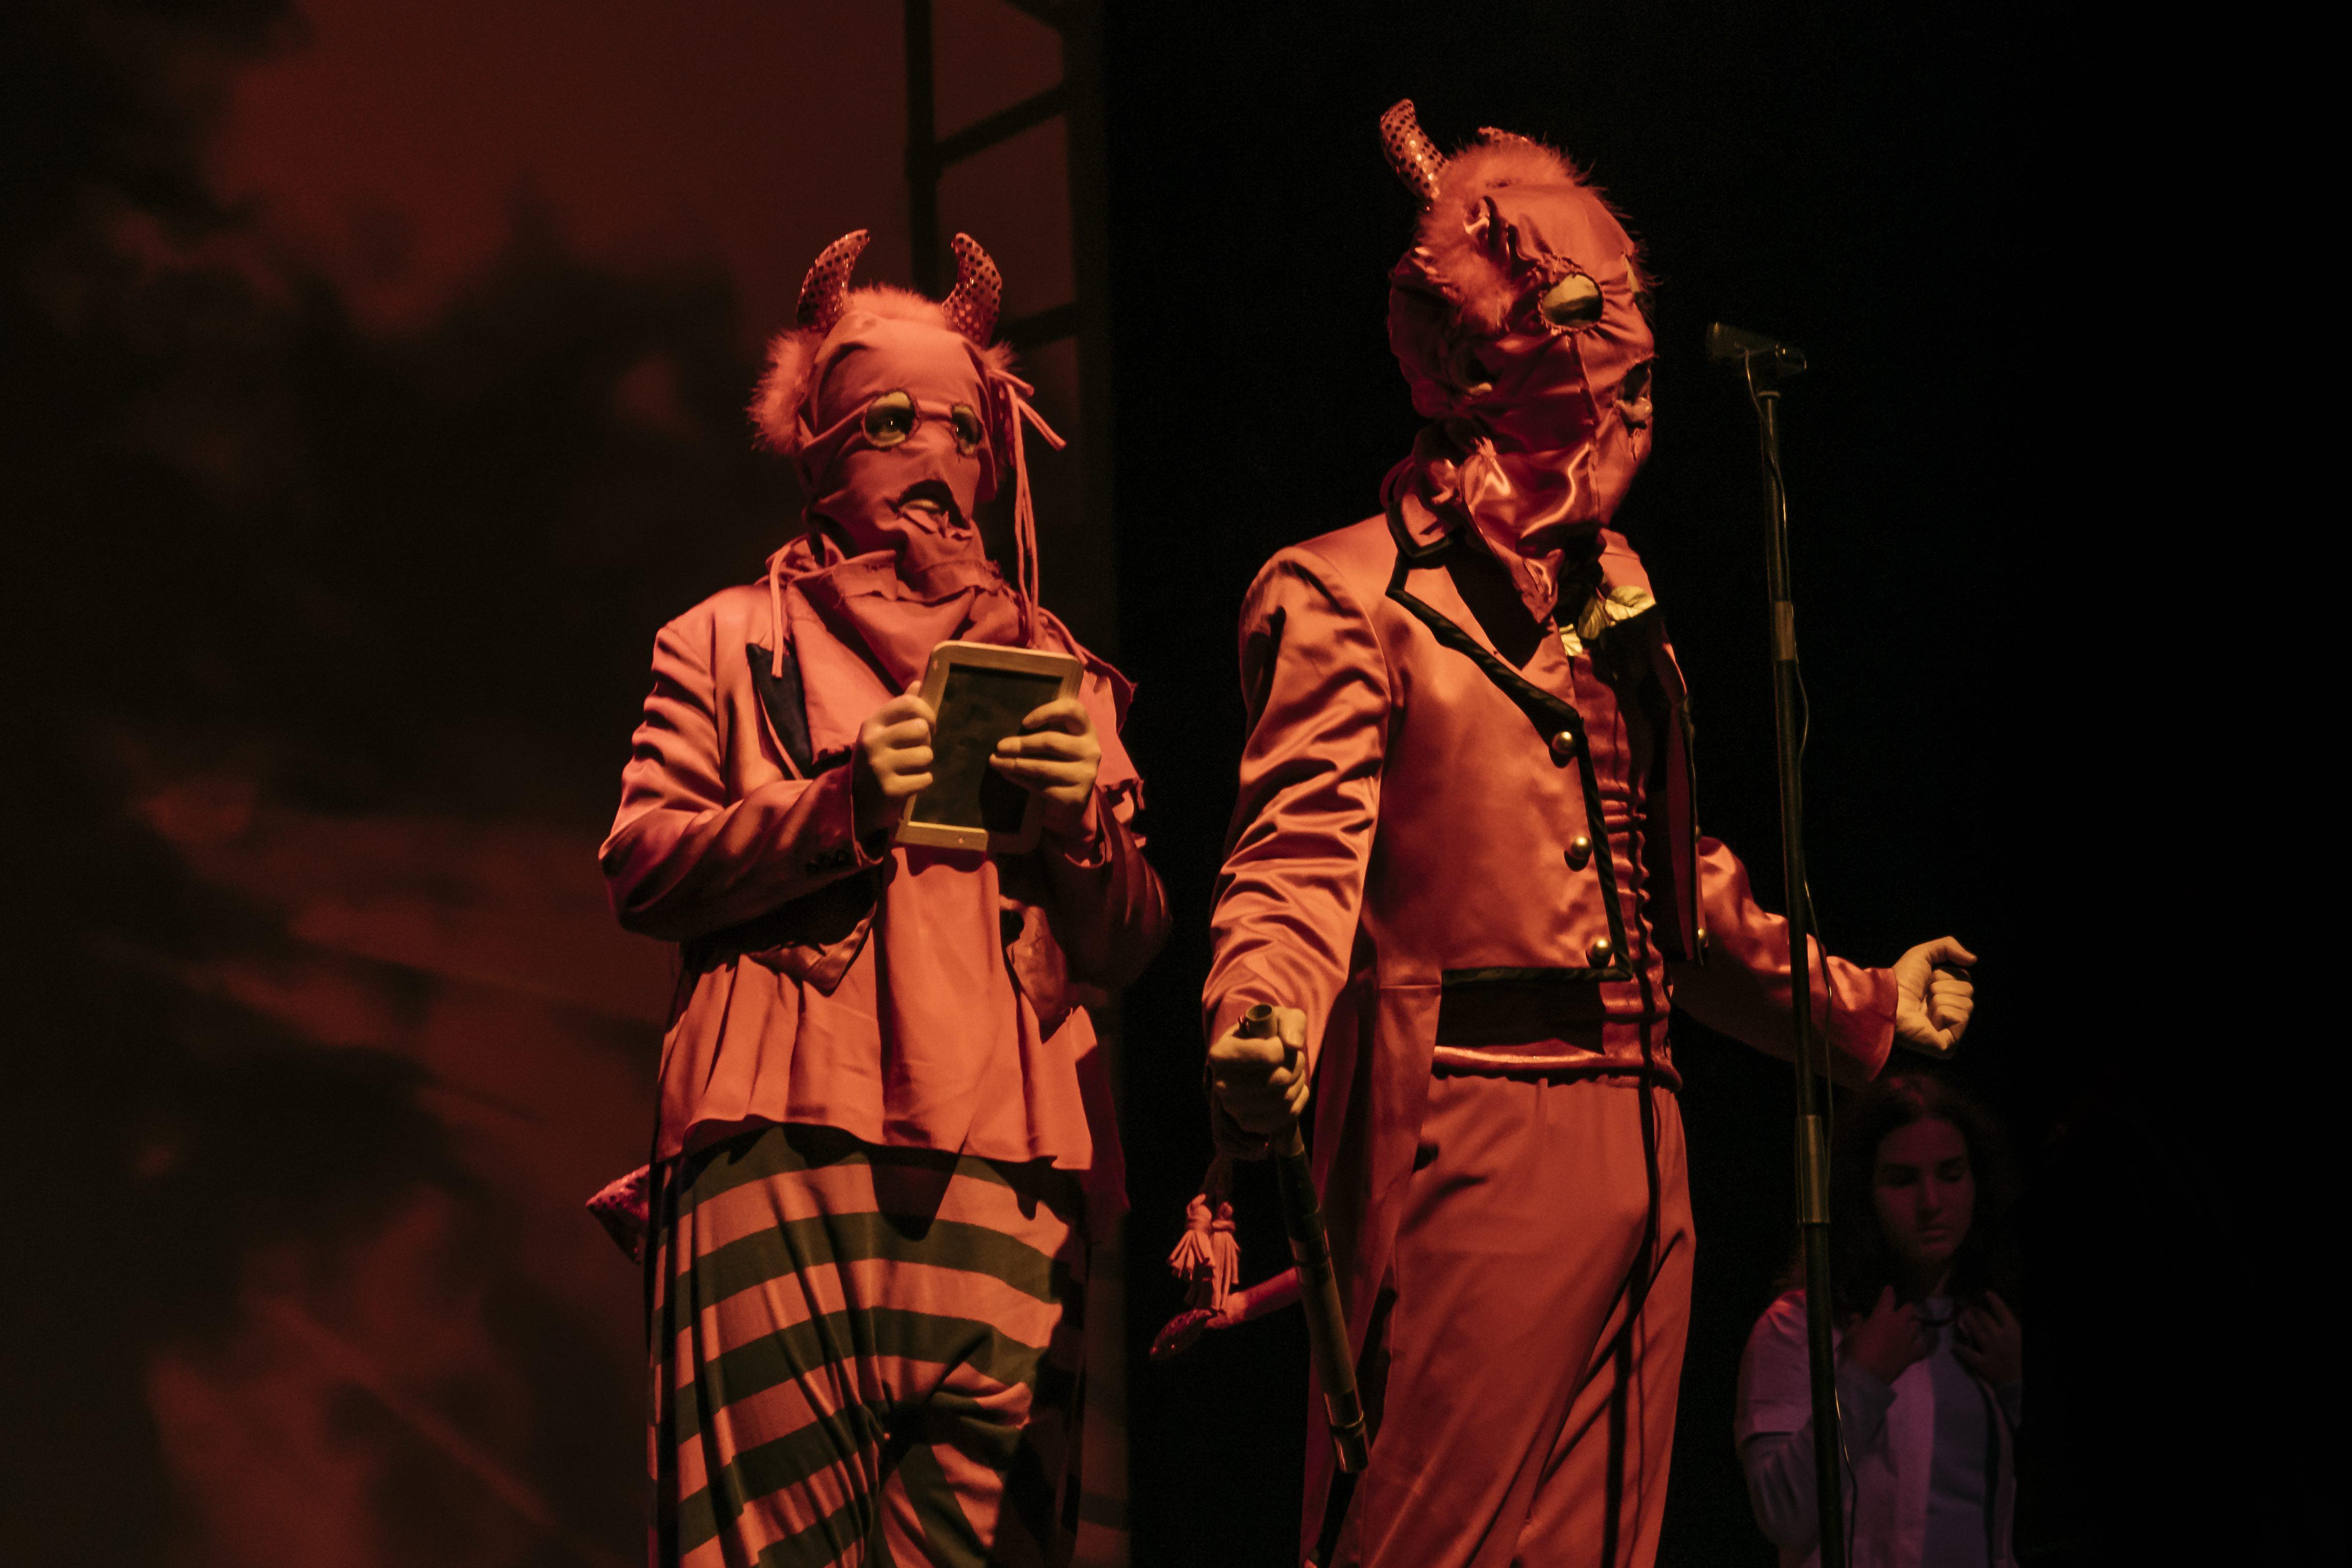 Dinato (Teresa Nunes) e Berzebu (João Terleira) (Coro do Conservatório de Música do Porto) | Fotografia de João Cruz / MPMP